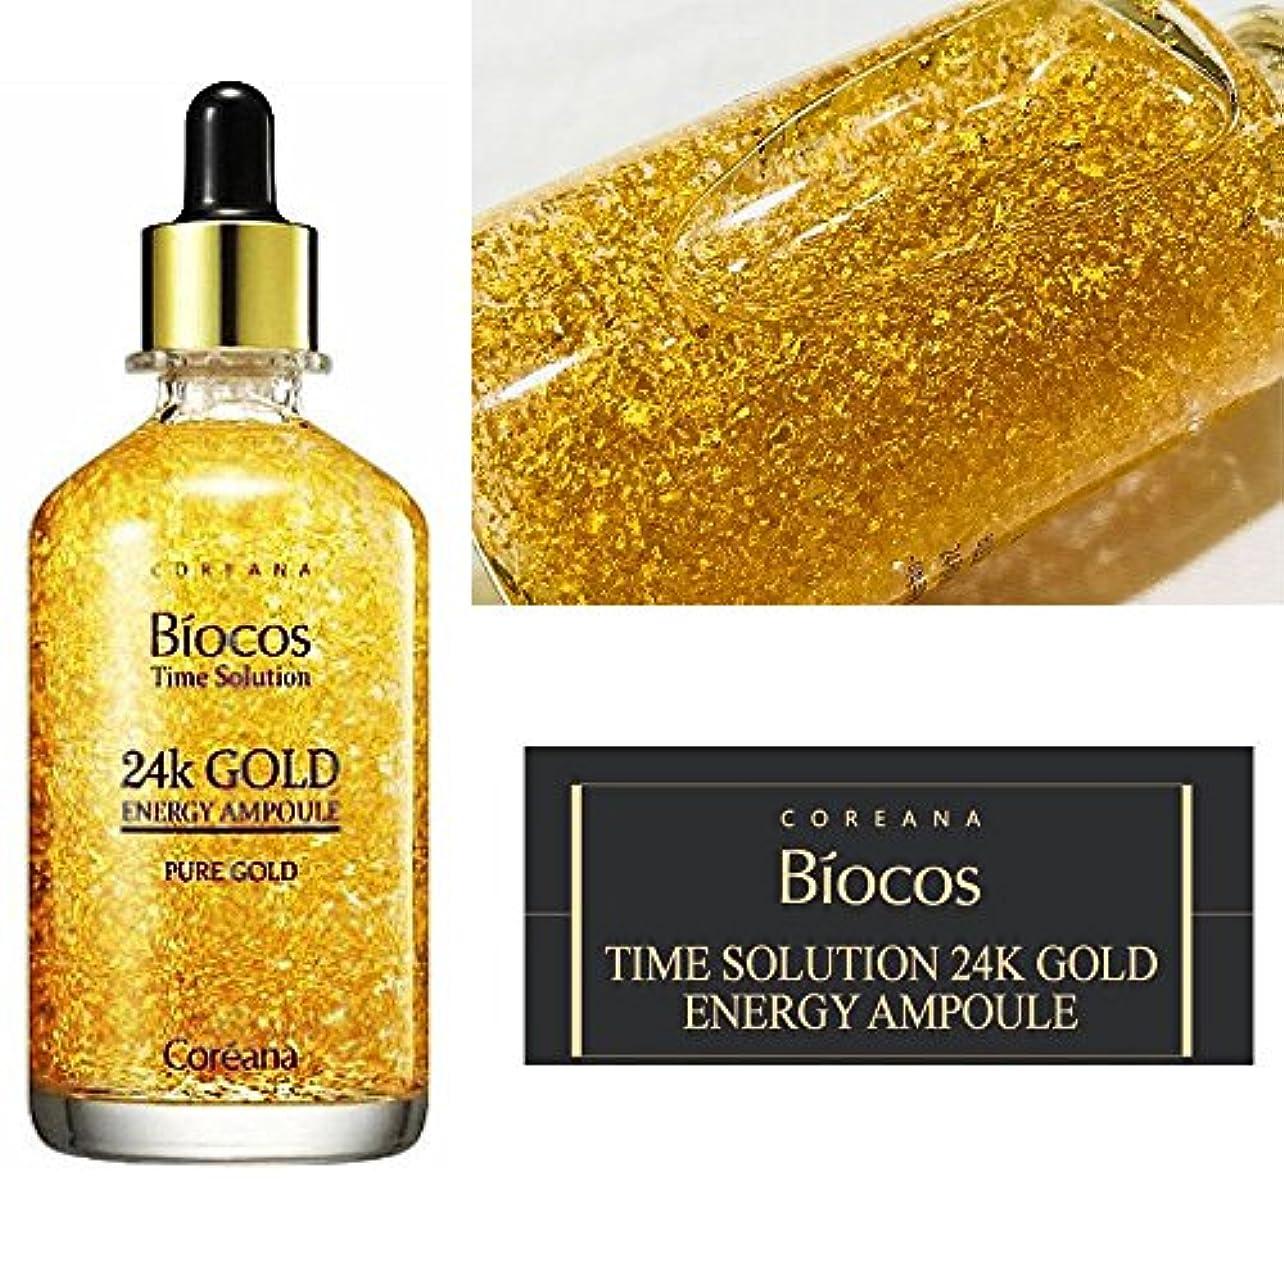 試みるどう?観光[COREANA] Biocos Time Solution 24kゴールドエナジーアンプル100ml/[COREANA] Biocos Time Solution 24K Gold Energy Ampoule - 100ml